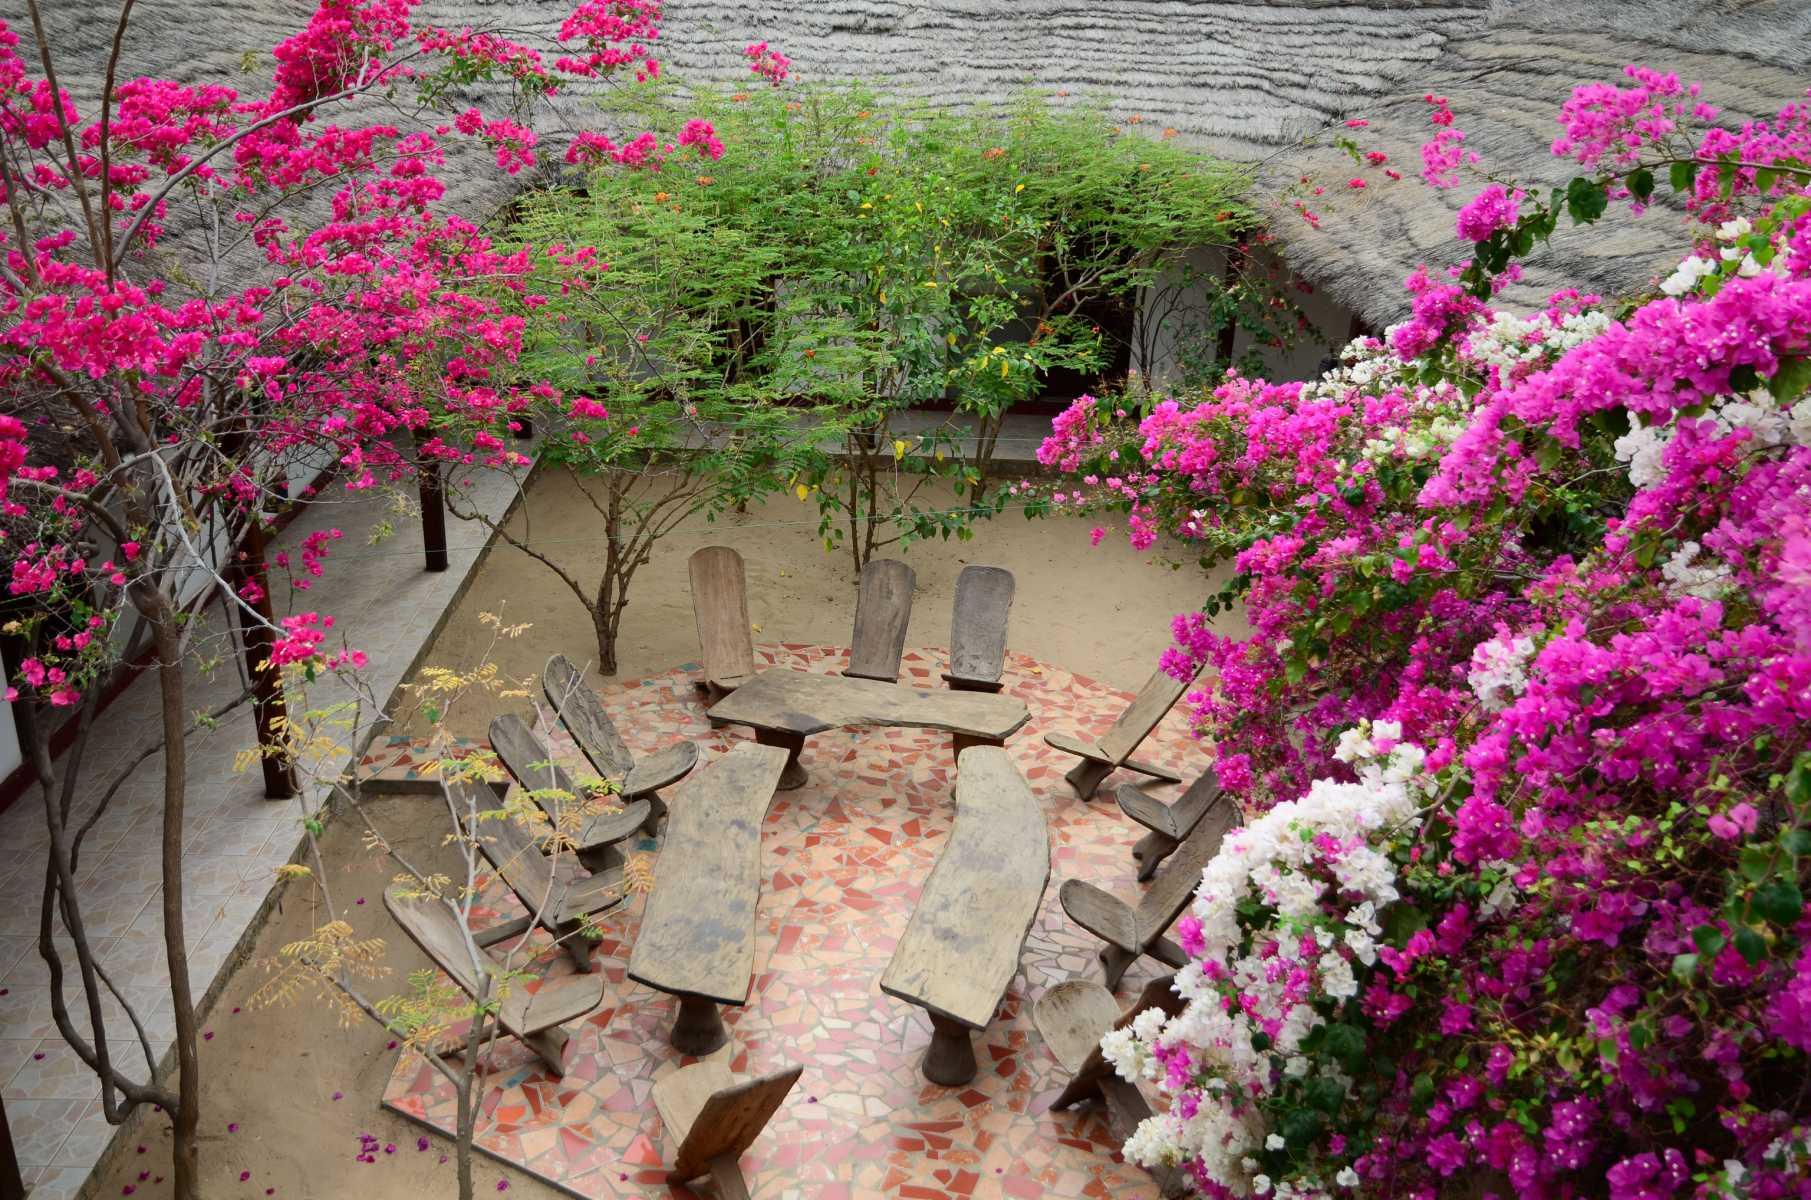 Sénégal - Sine Saloum - Autour du patio, le campement s'organise comme une maison africaine